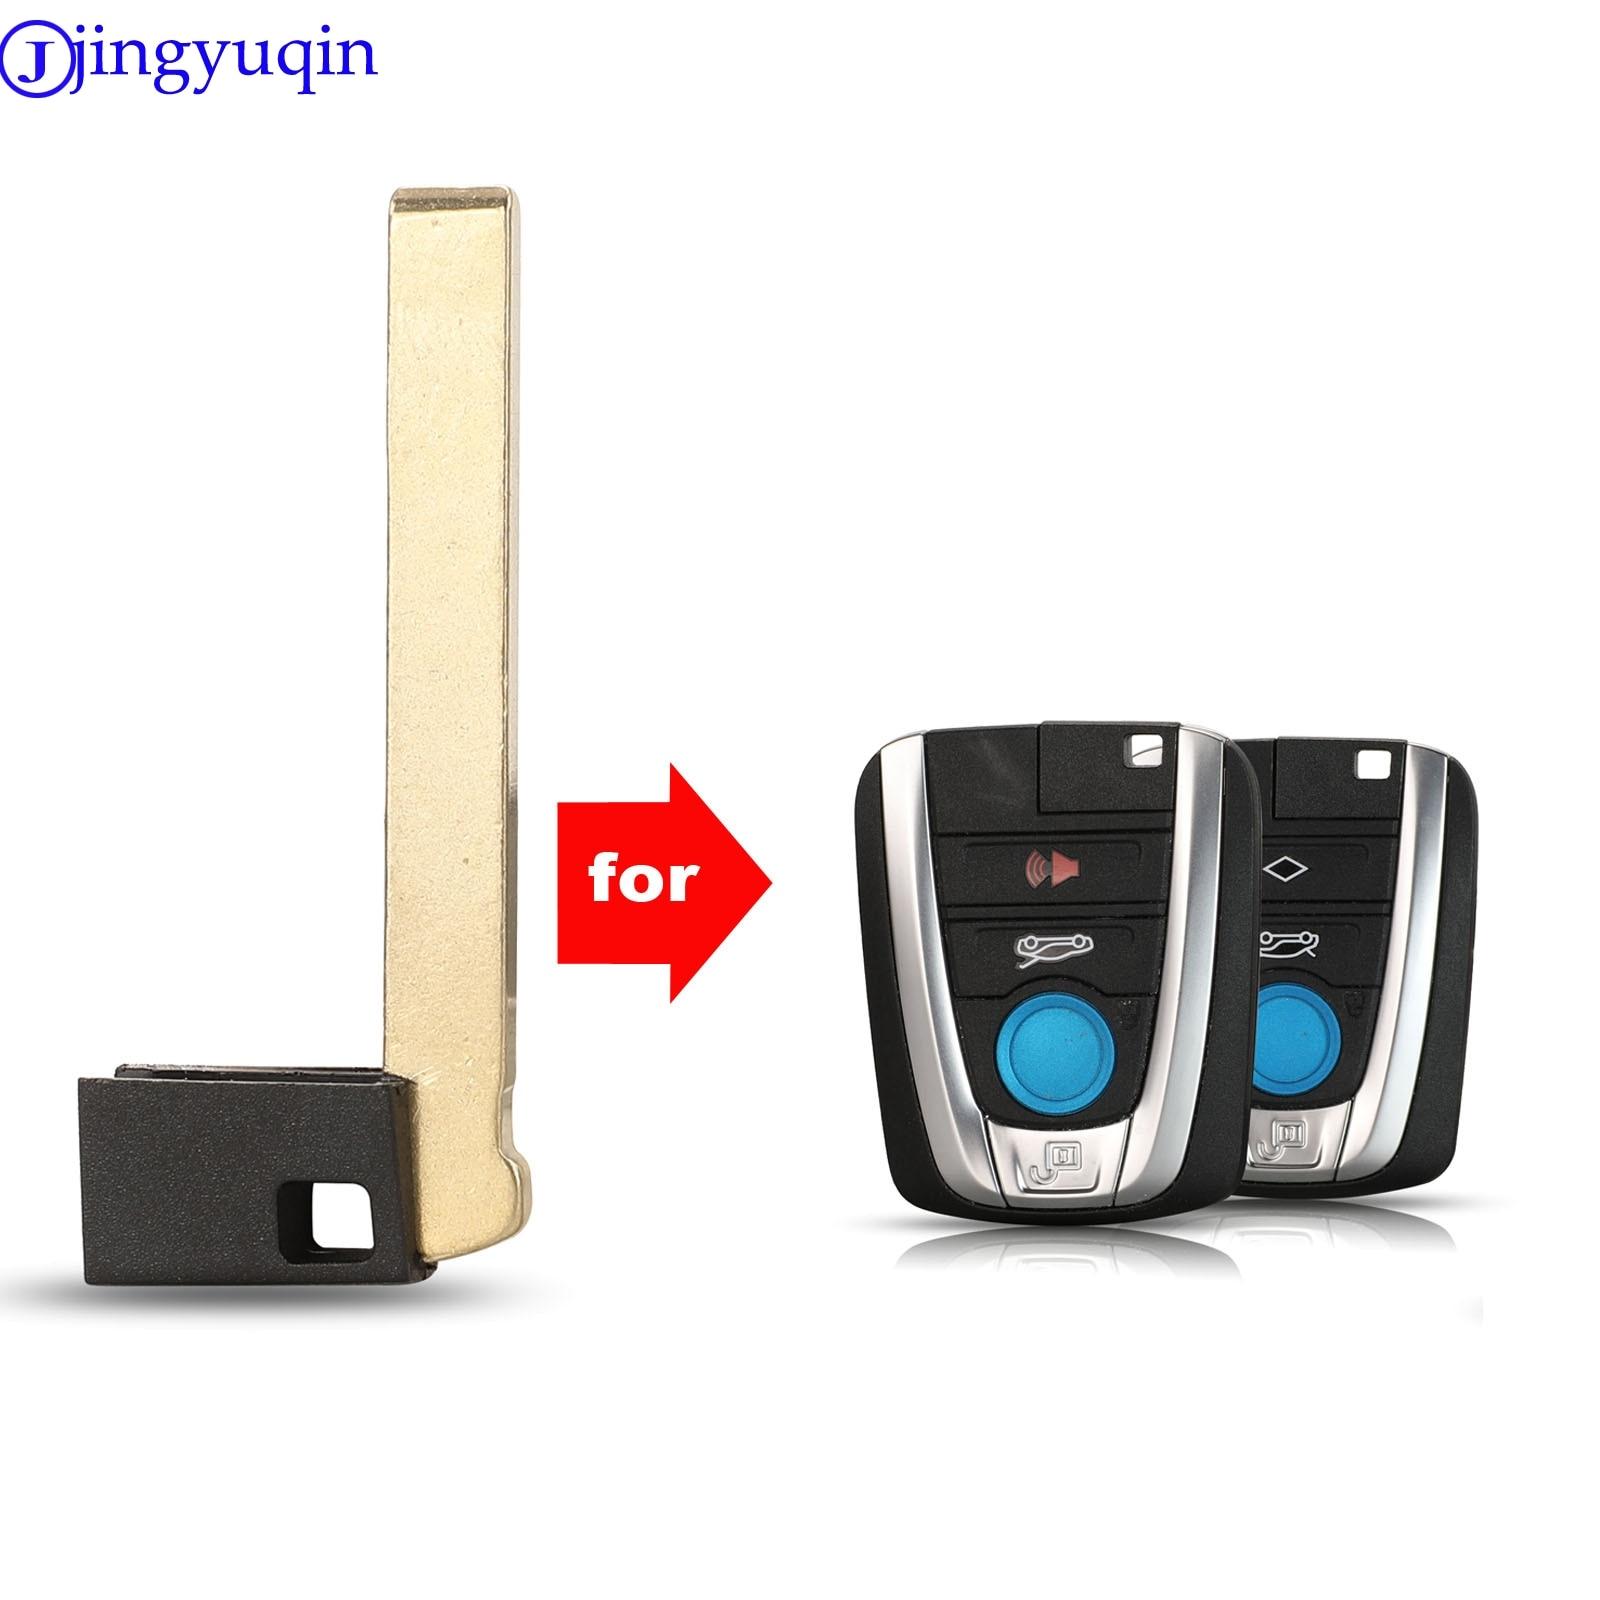 Carcasa de llave a distancia de coche de repuesto jingyuqin llave ciega para BMW I3 I8 llave inteligente